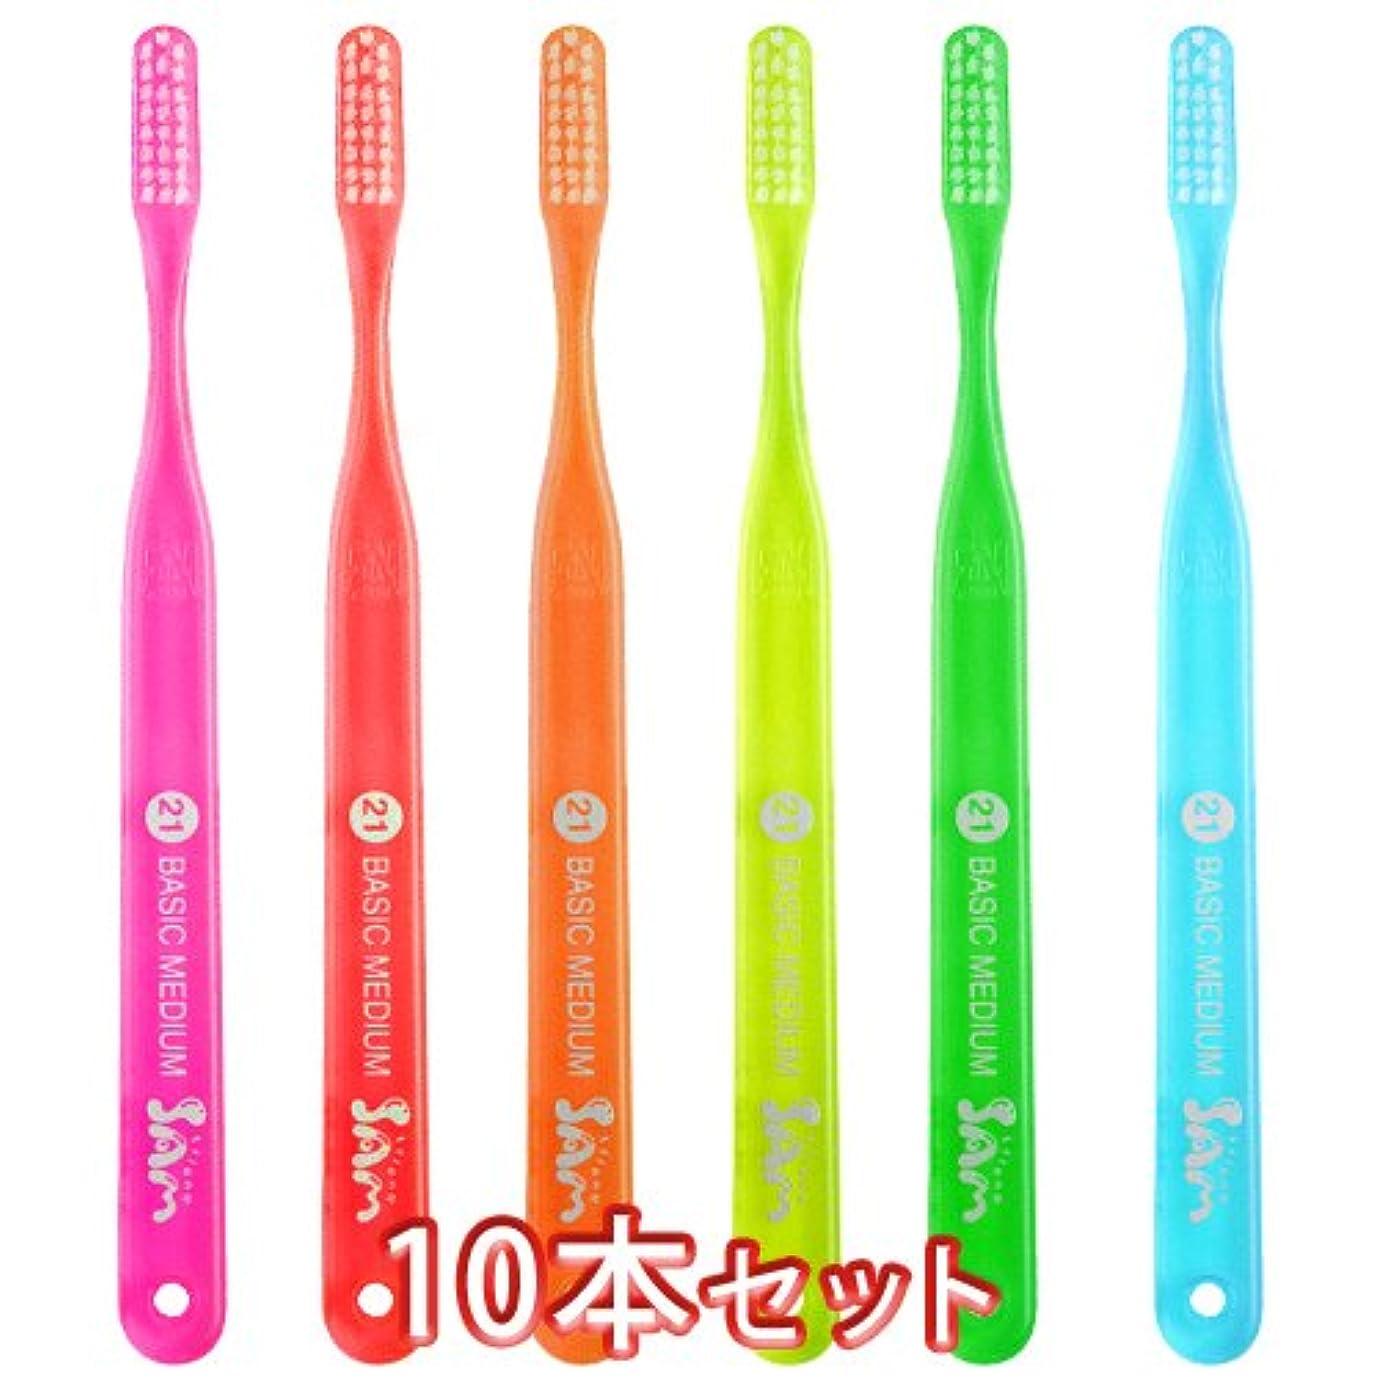 ビタミン去る状態サムフレンド ベーシック 歯ブラシ 10本 (#21)